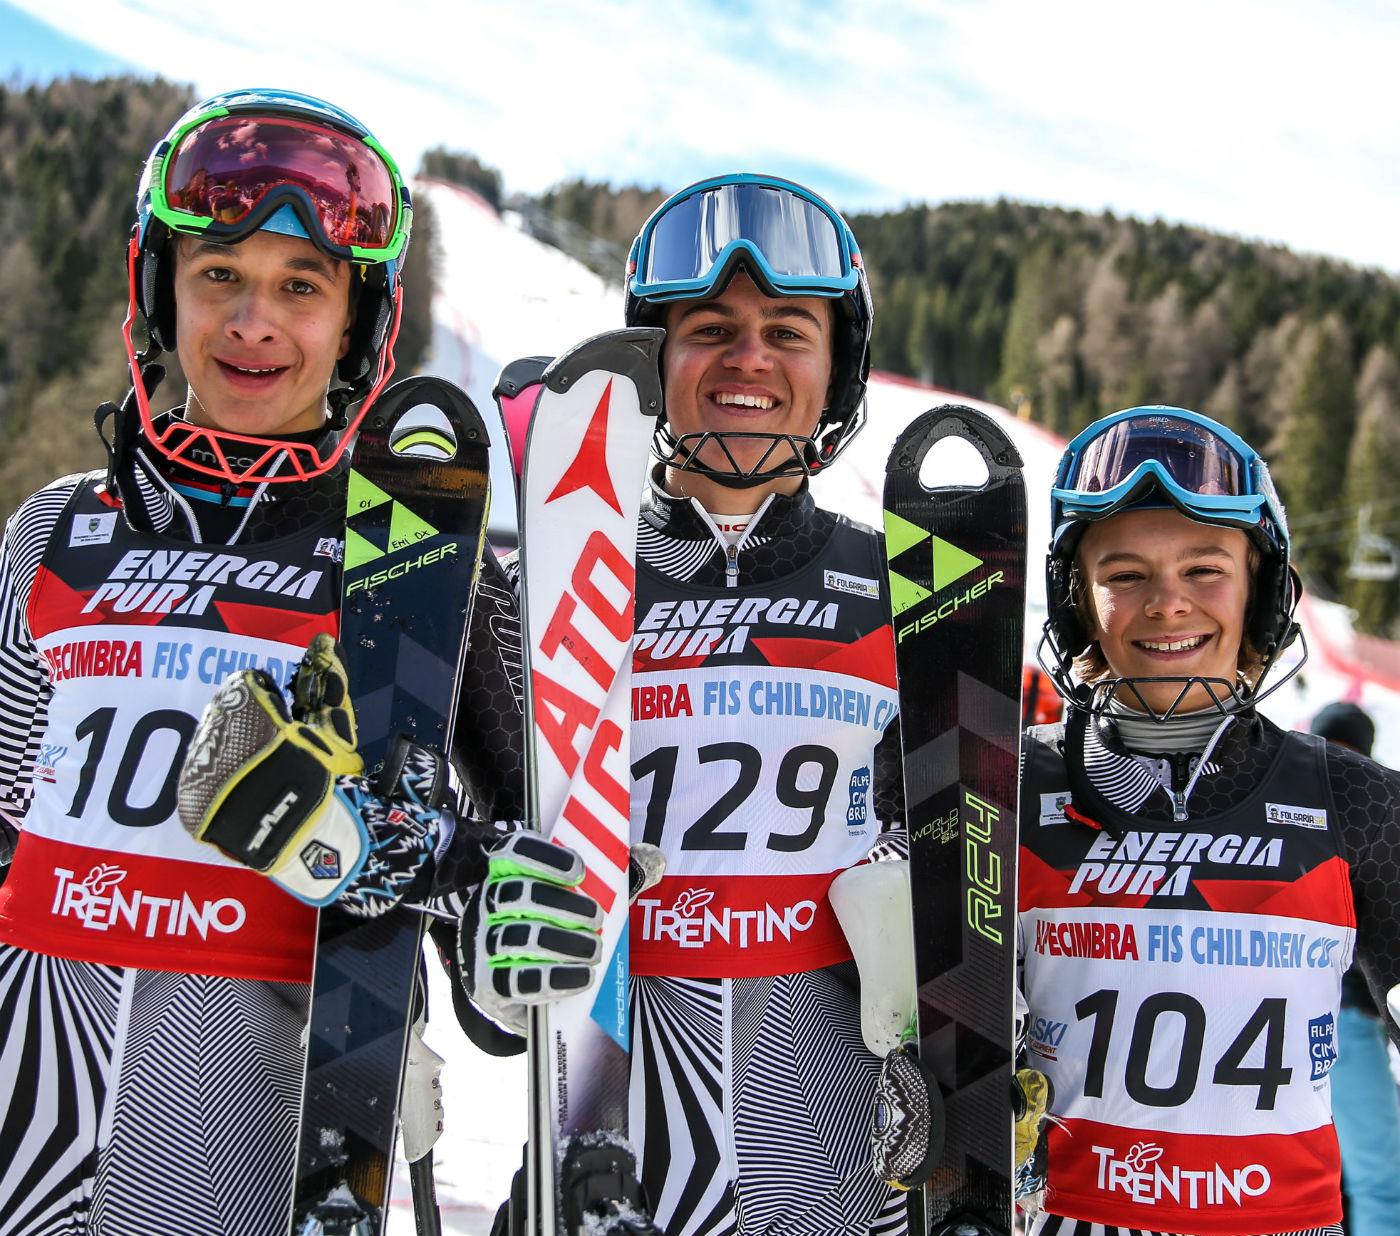 Il podio dello slalom RZ